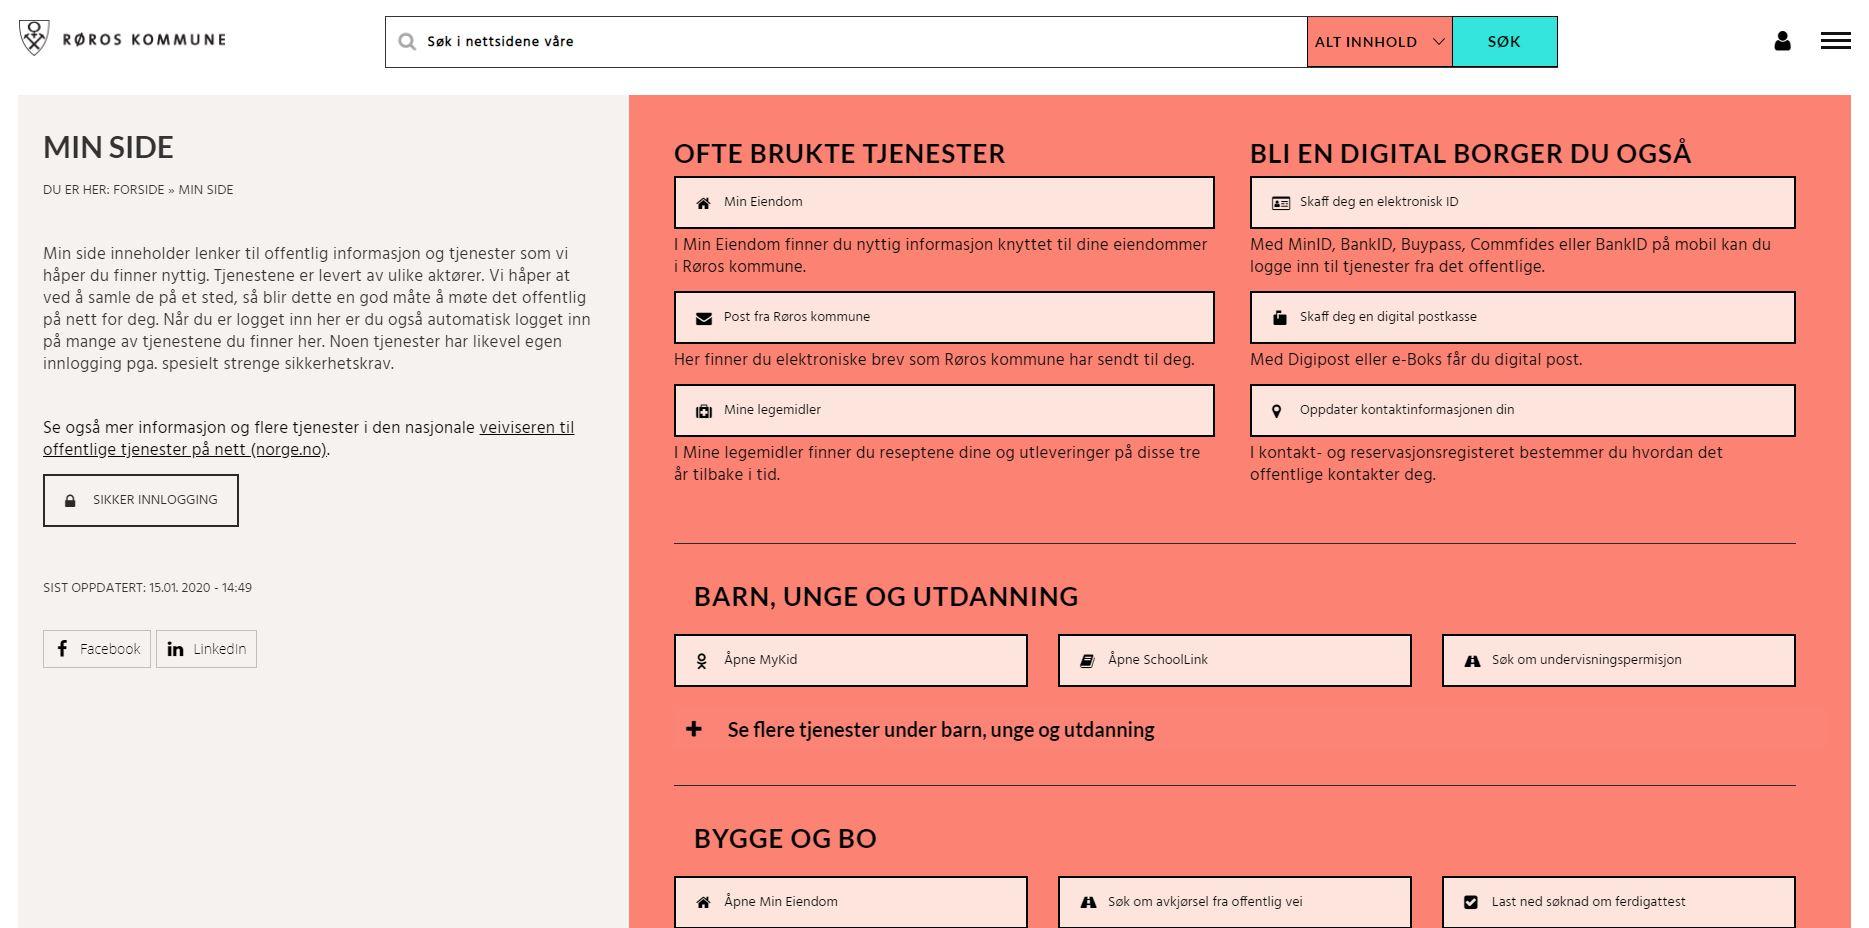 Bilde av forsiden til Røros kommunes hjemmeside